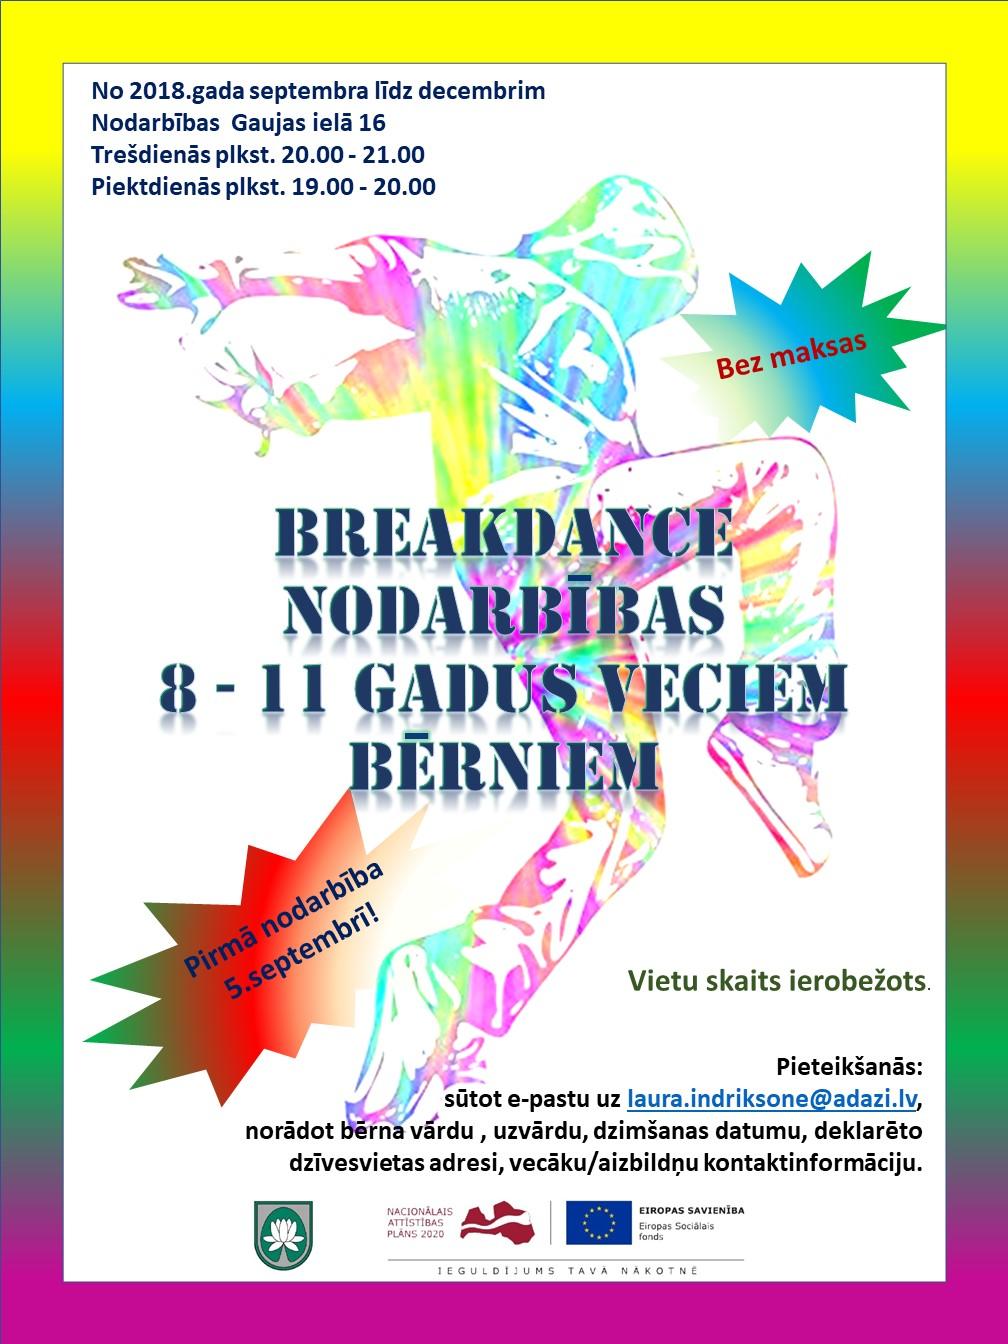 bc924f56016 Pirmdien, 20.augustā plkst.9.00, sāksies pieteikšanās mākslas vingrošanas  un breakdance nodarbībām bērniem